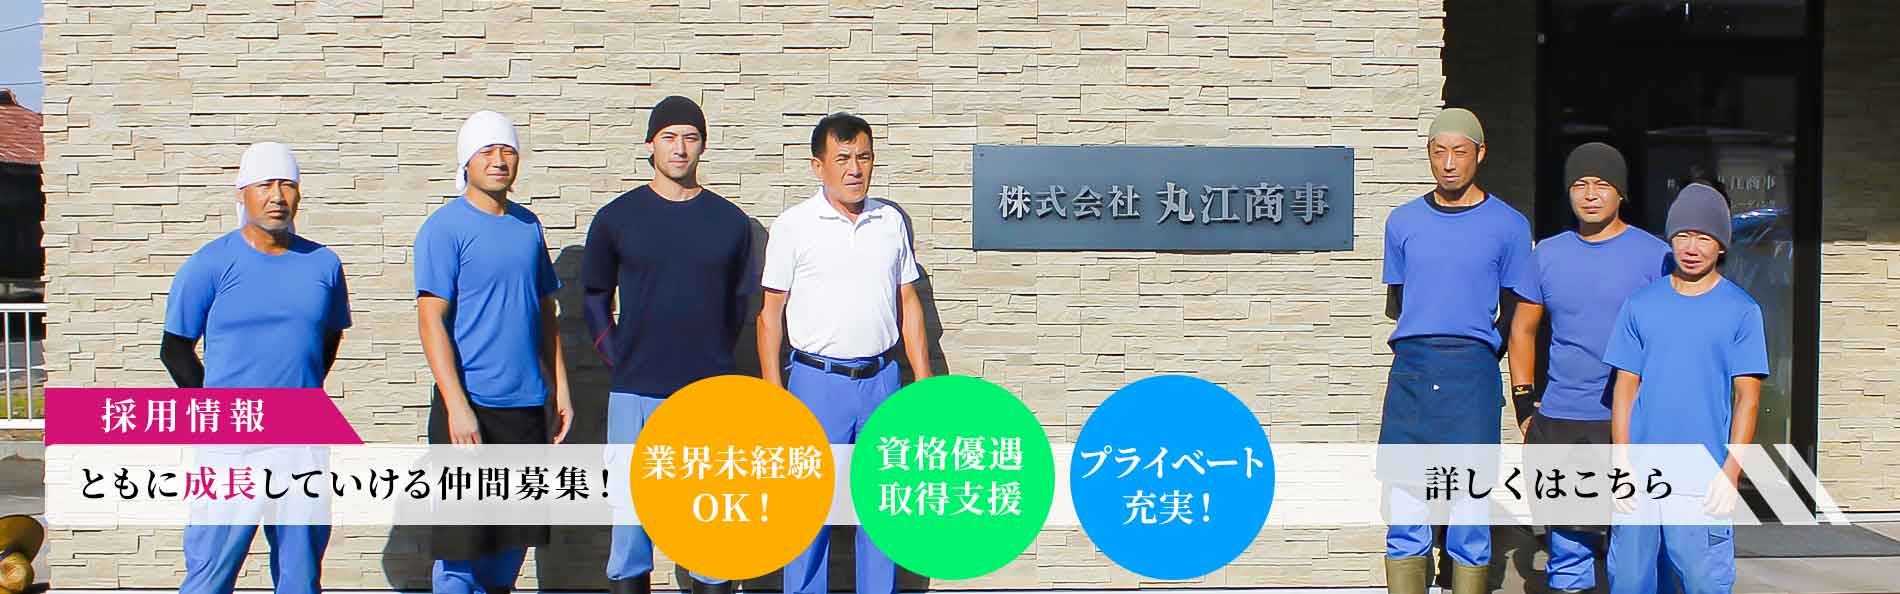 丸江商事求人情報正社員アルバイト